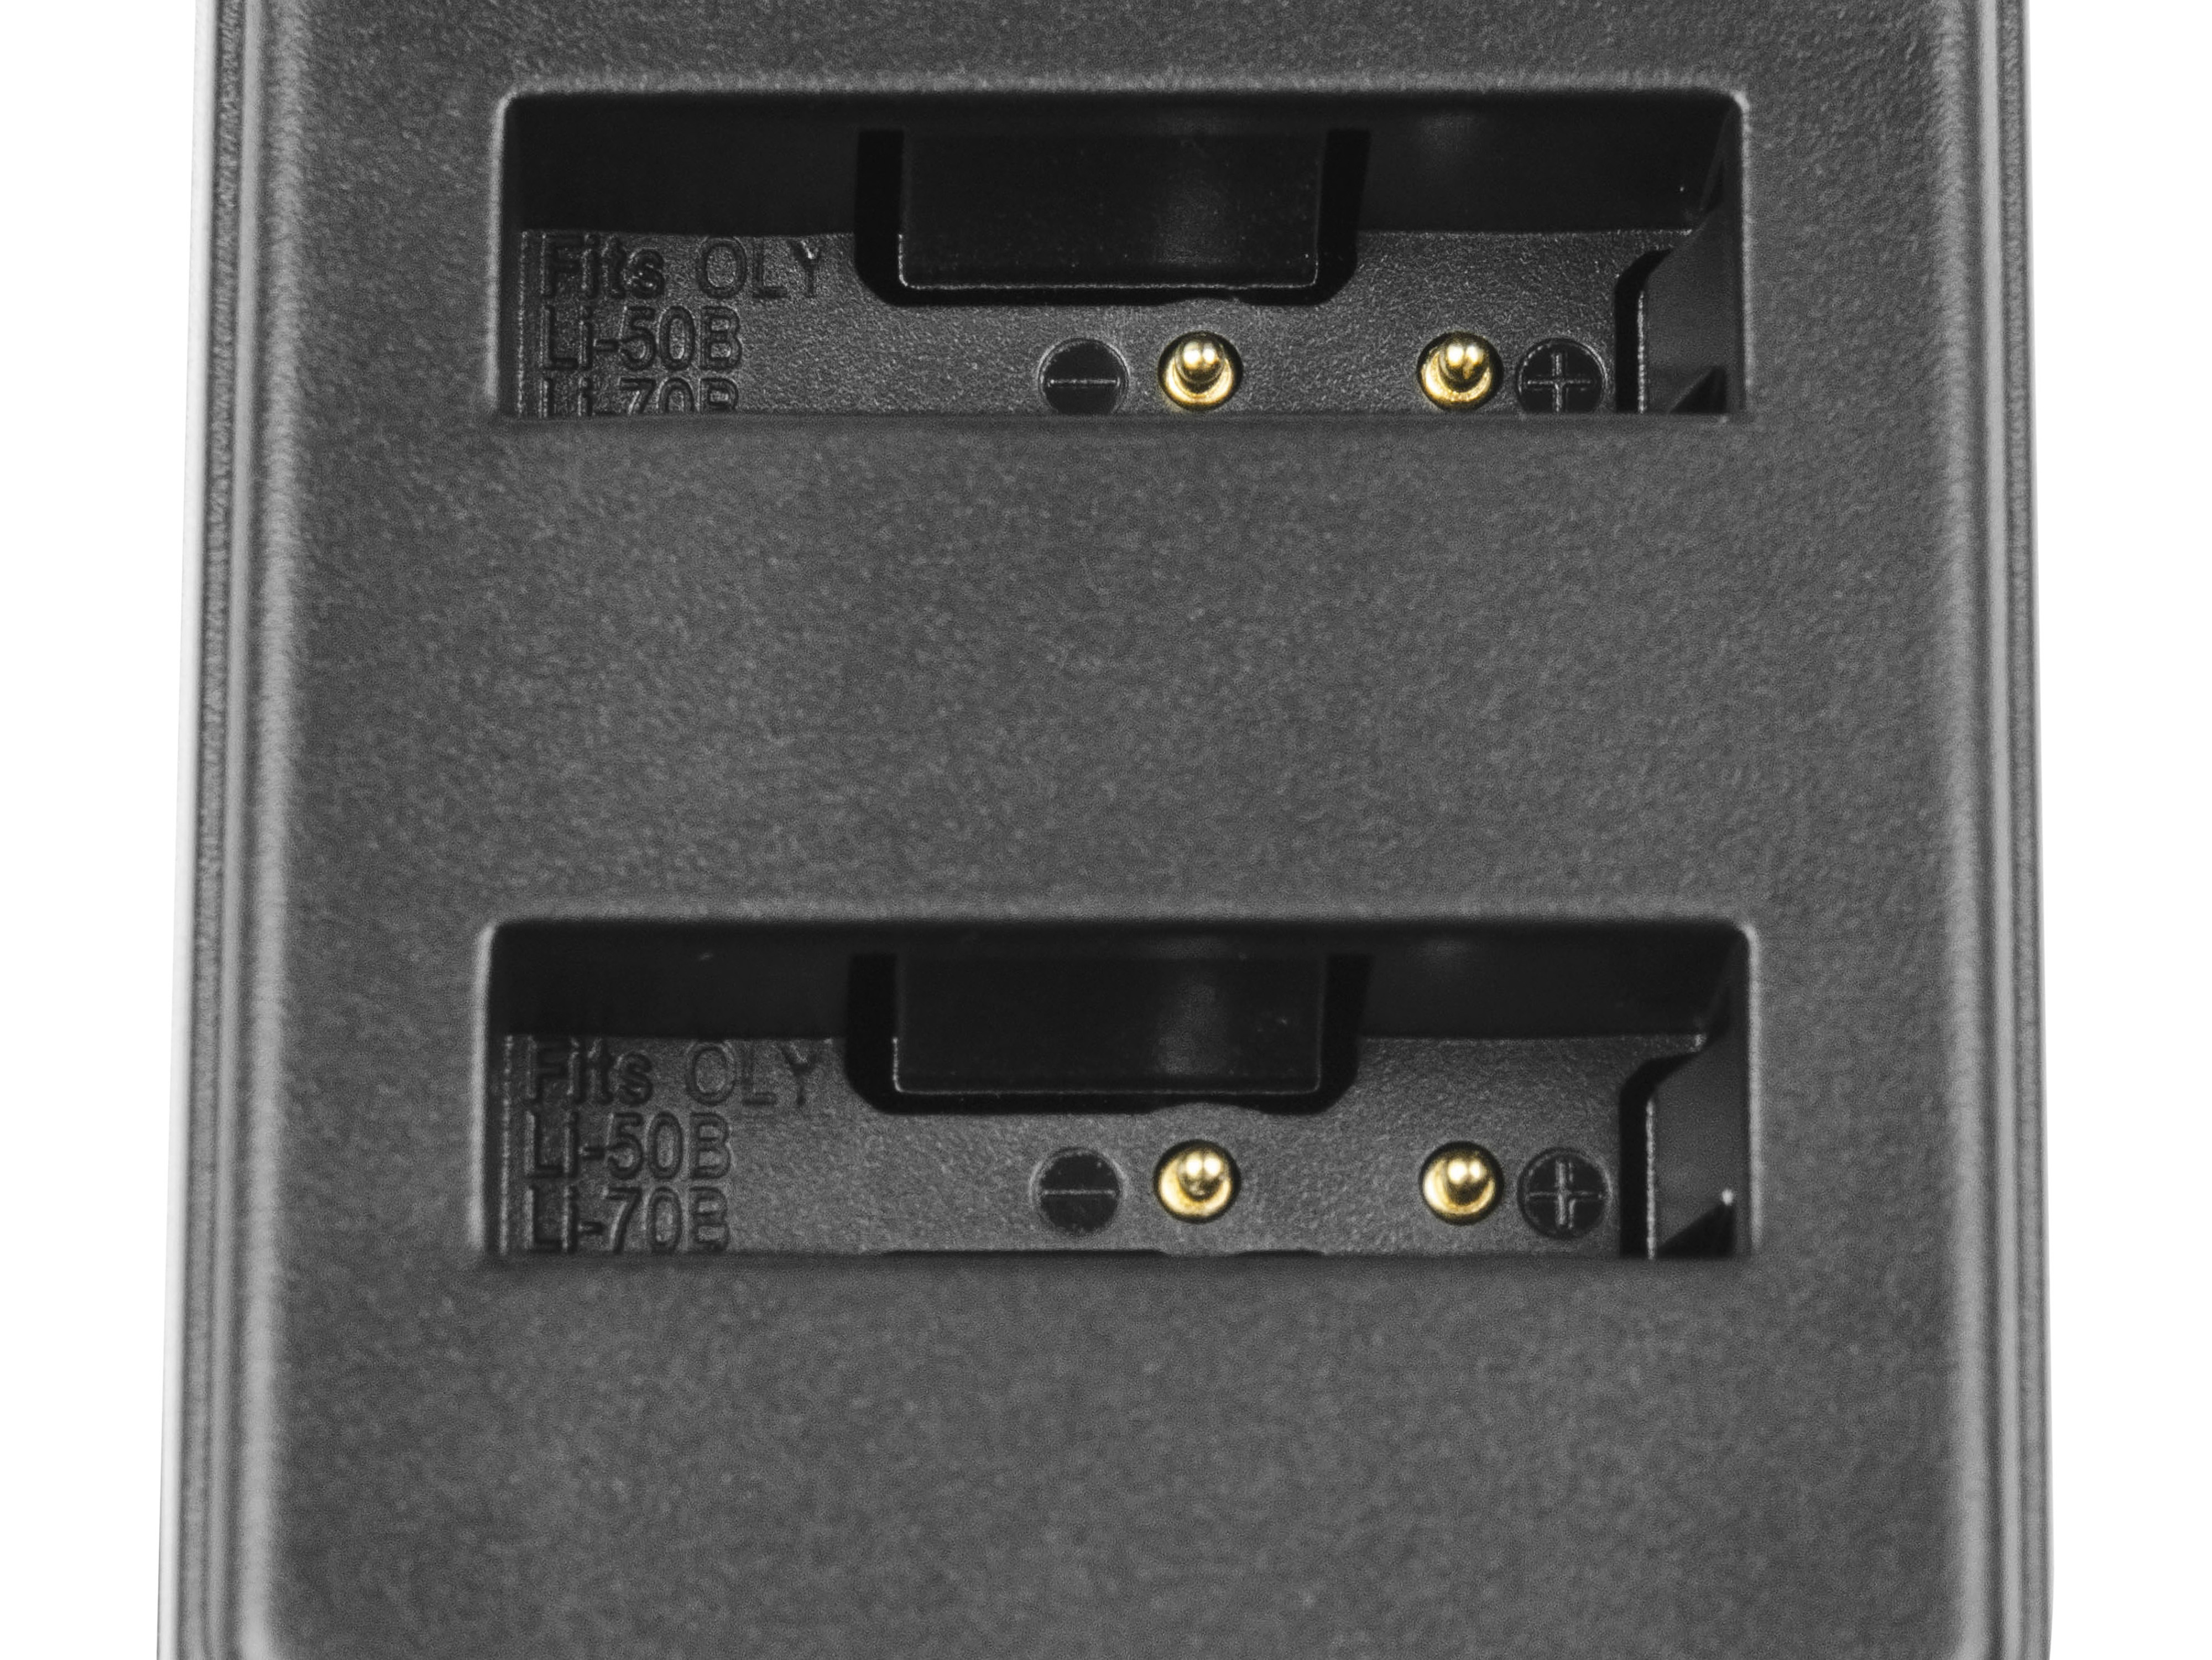 Dubbel Laddare LI-50C för Olympus LI-50B, SZ-15 SZ-16 Tough 6000 8000 TG-810 TG-820 TG-830 TG-850 VR-370 XZ-1